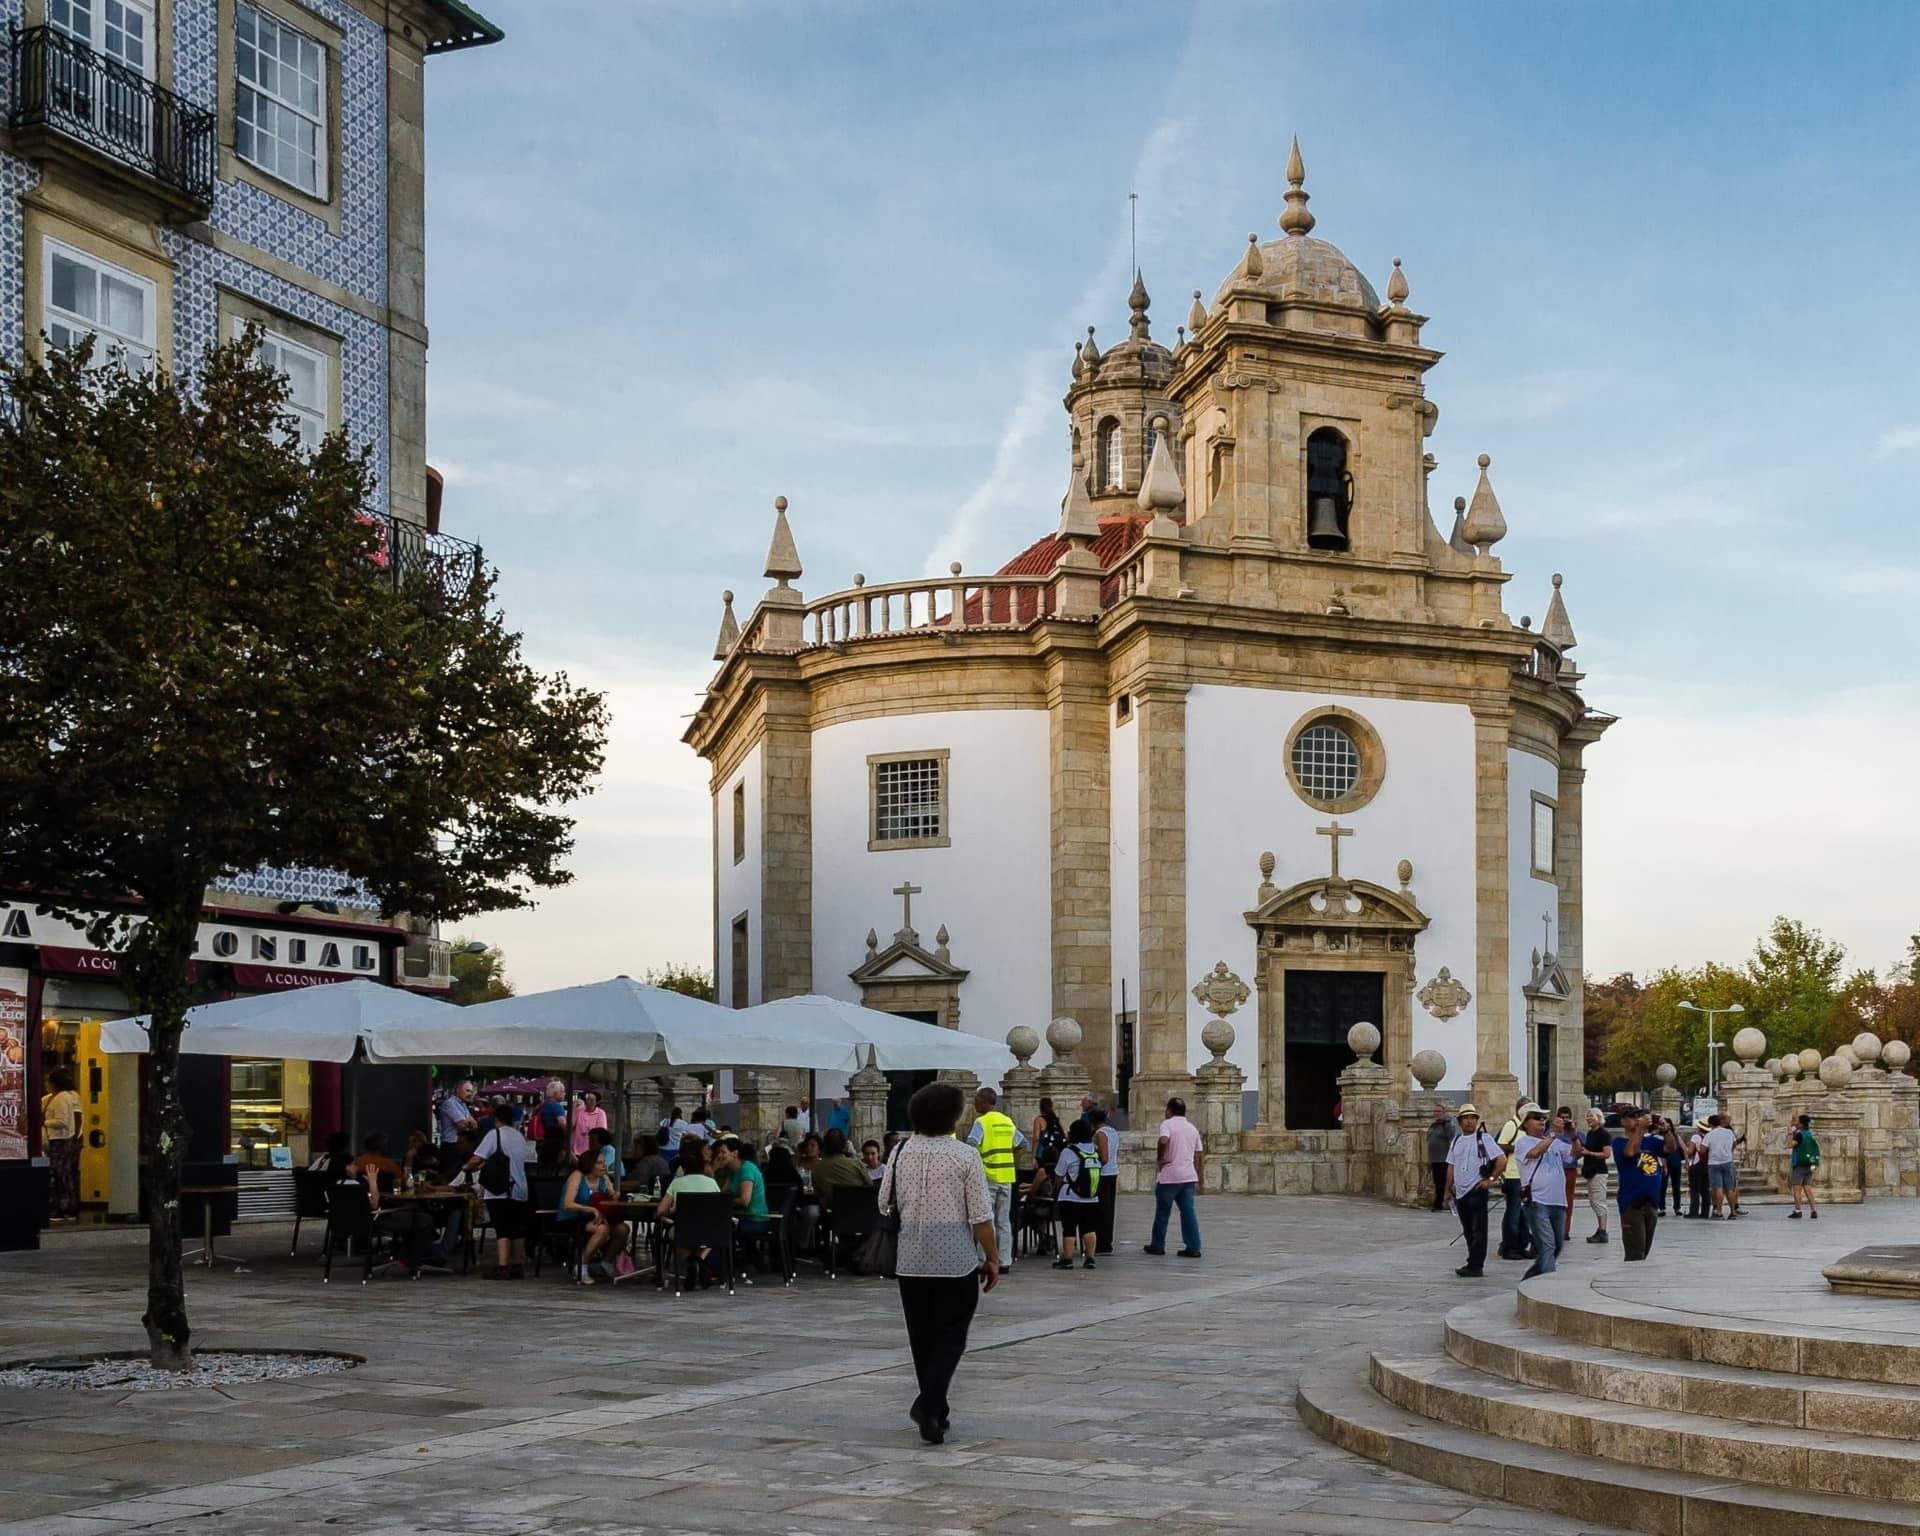 Imagem: Templo do Senhor Bom Jesus da Cruz, na Avenida da Liberdade.